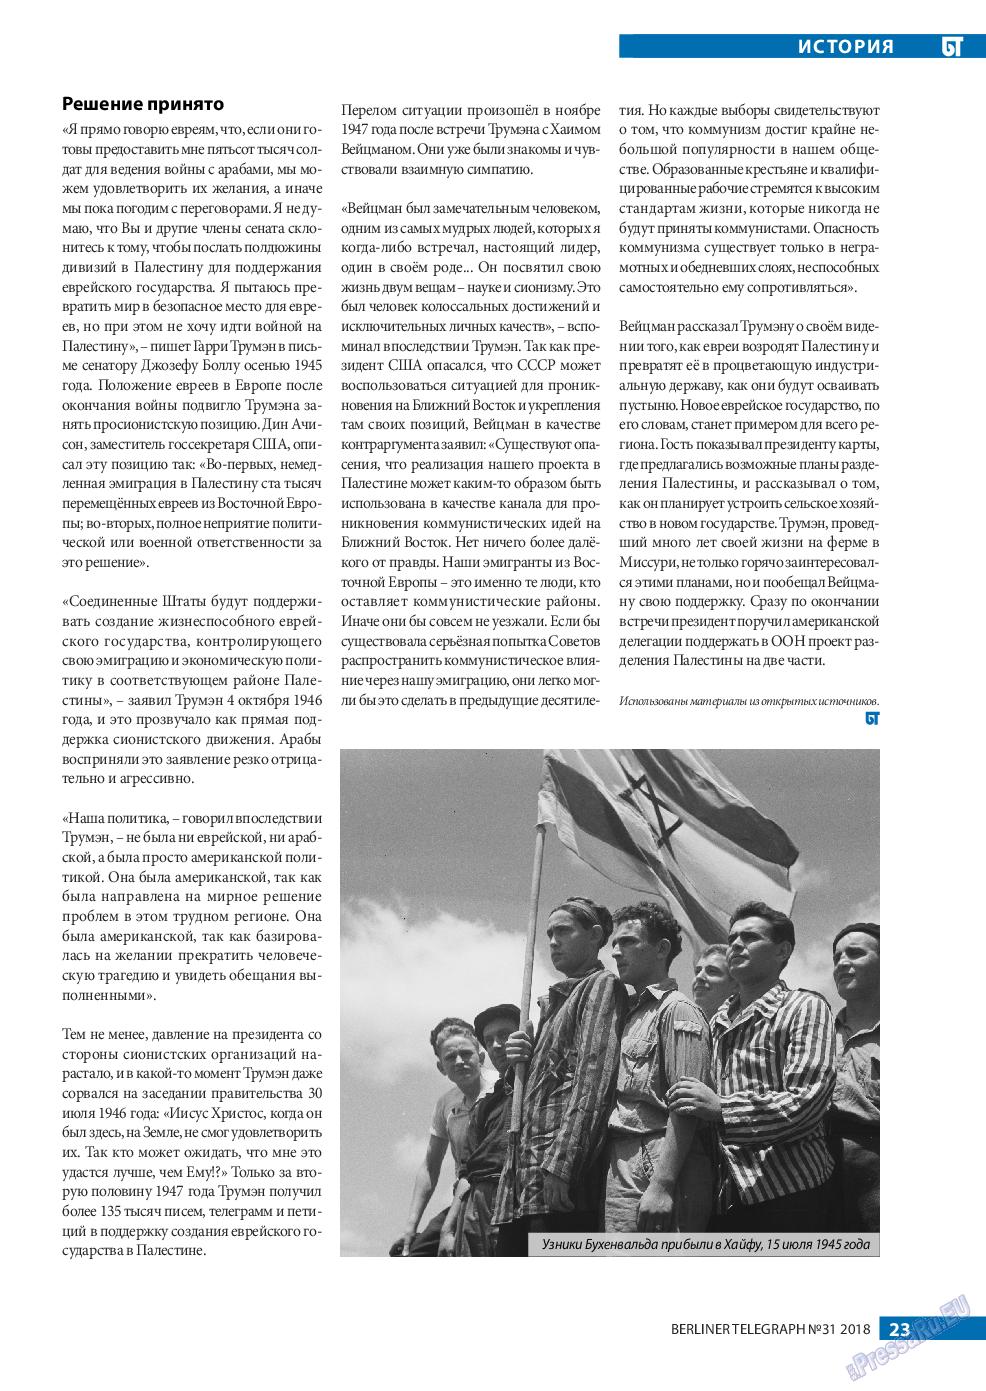 Берлинский телеграф (журнал). 2018 год, номер 31, стр. 23